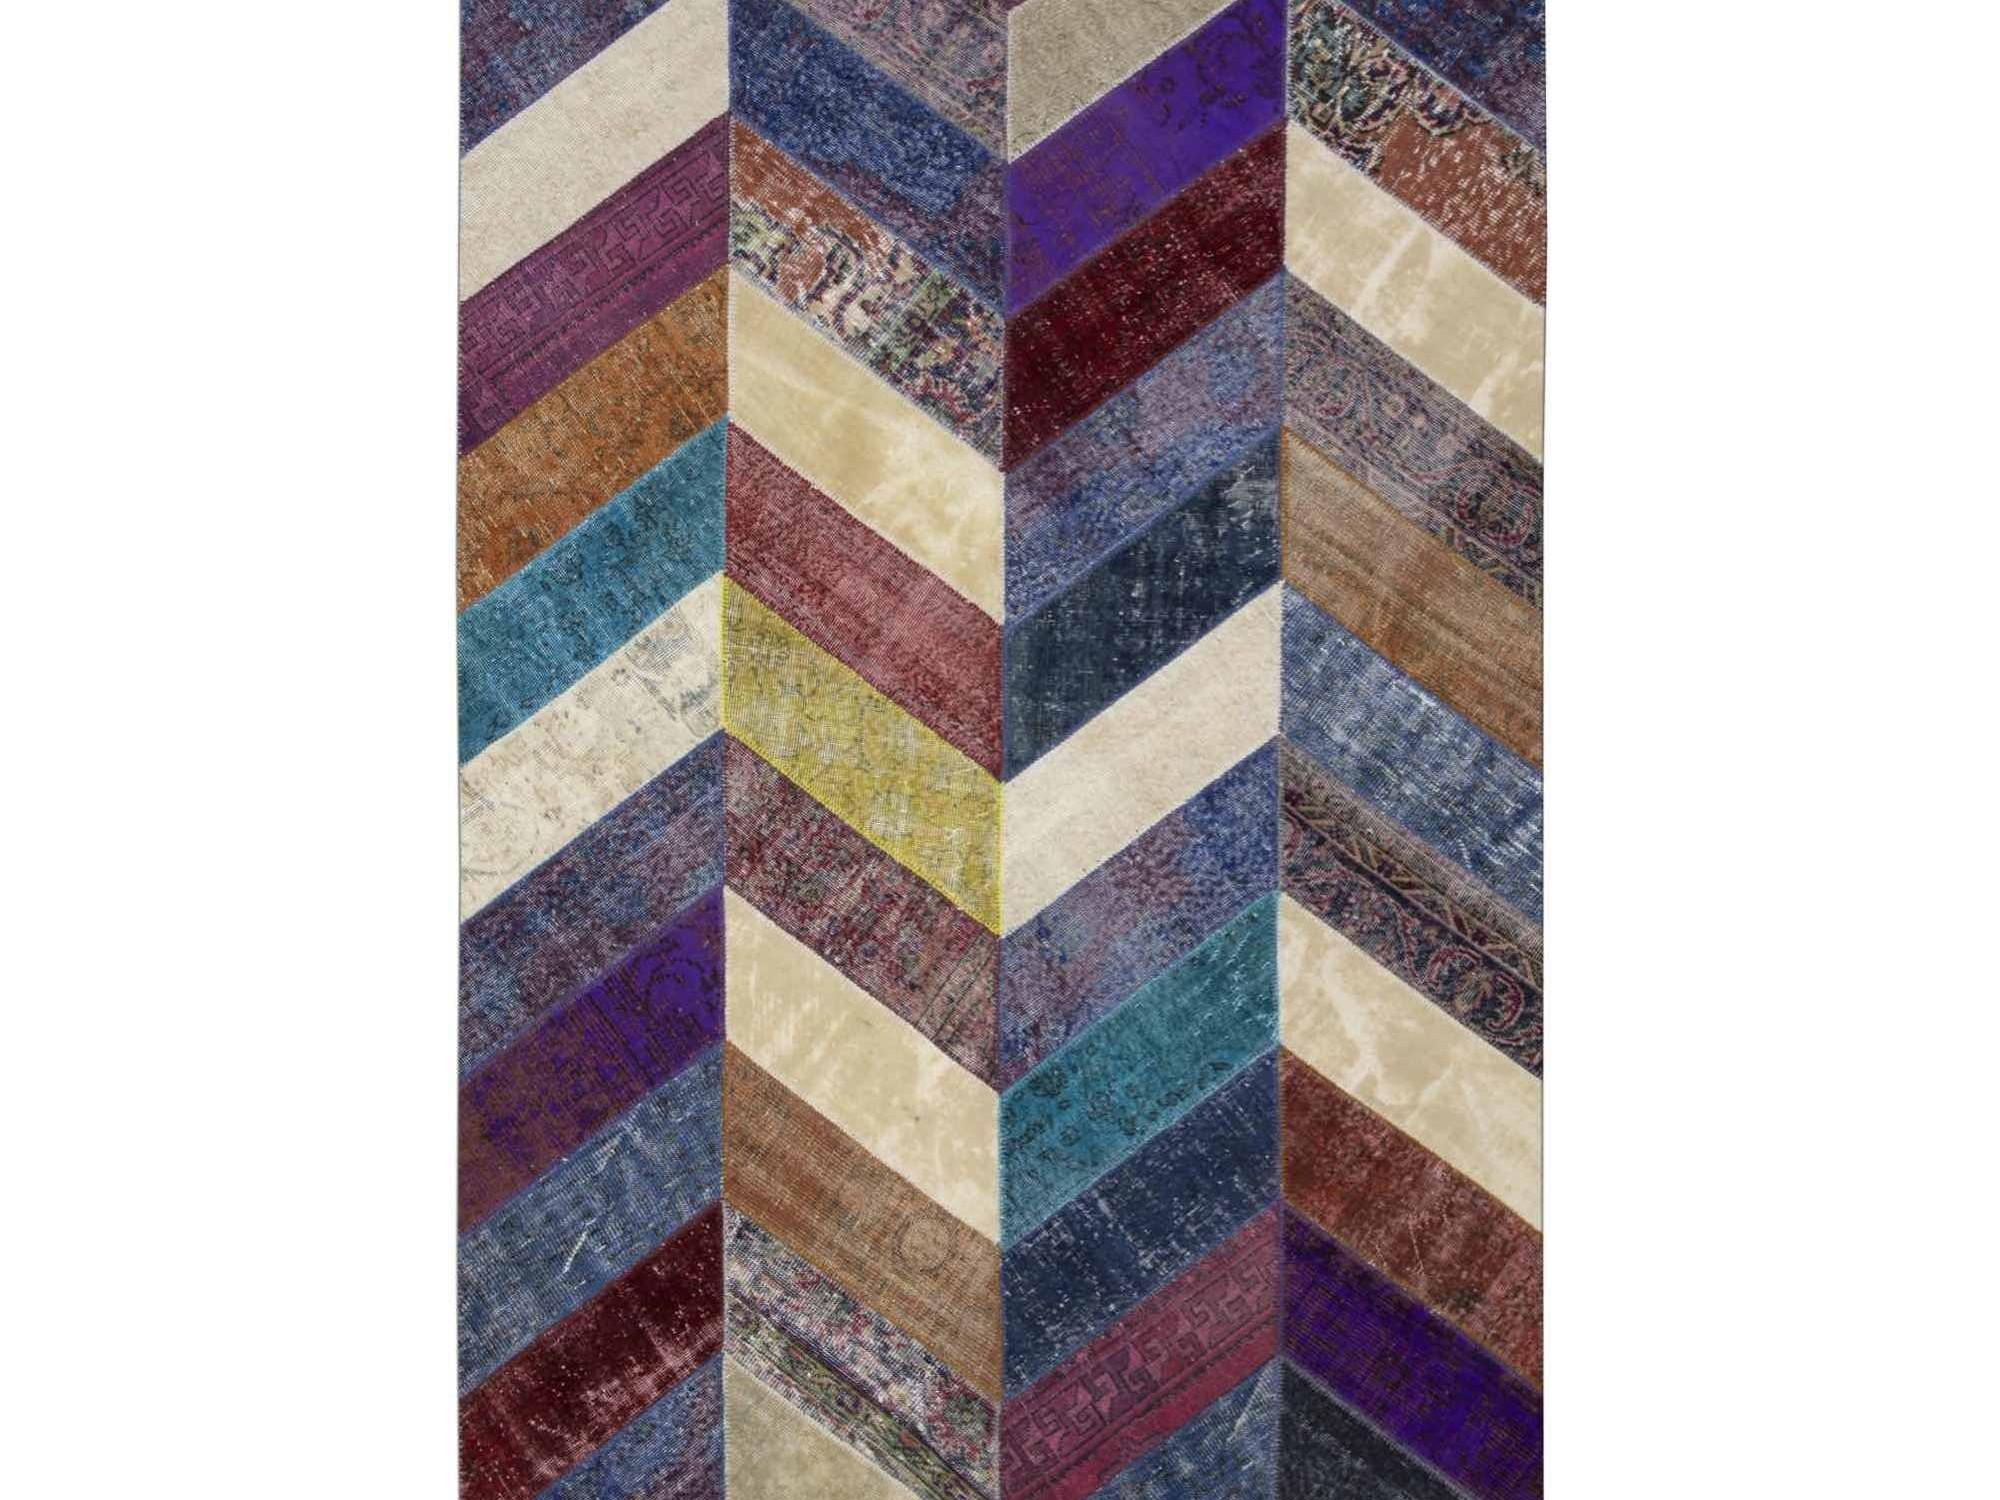 Ковер PatchworkПрямоугольные ковры<br>Винтажный ковер ручной работы в стиле &amp;quot;пэчворк&amp;quot; <br>из 100% шерсти. Ковер прекрасно подходит в <br>любые современные и классические интерьеры, <br>а благодаря толщине ковра всего 5 мм и отсутствию <br>ворса, его легко чистить любыми видами пылесосов. <br>Этот настоящий ковер ручной работы не потеряет <br>своих красок и будет служить десятилетия.<br><br>Material: Шерсть<br>Ширина см: 196<br>Глубина см: 299